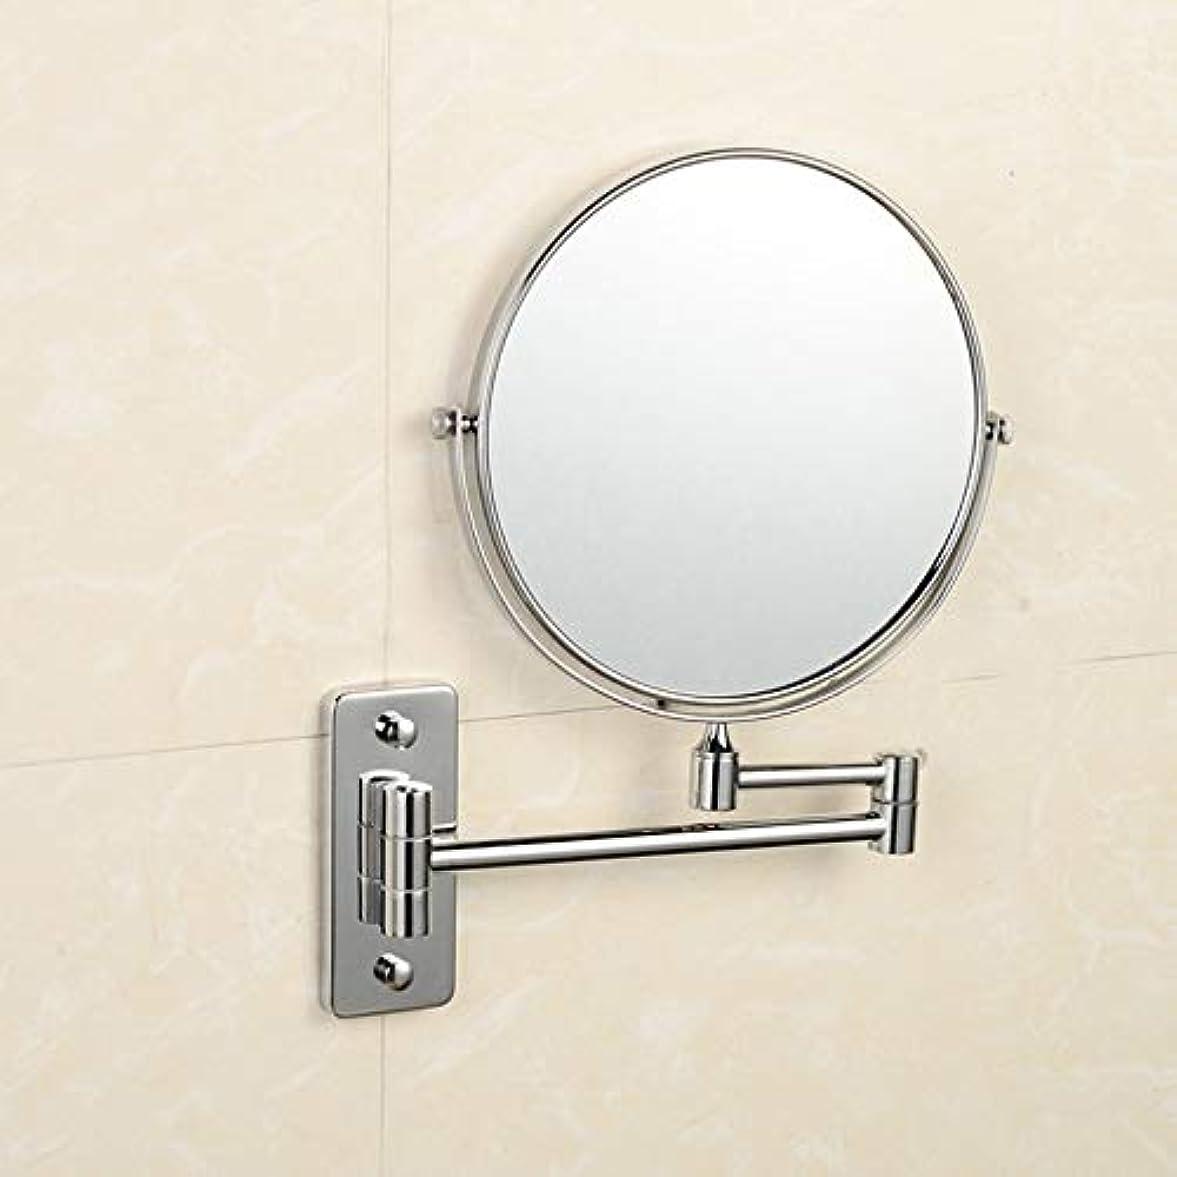 仮定、想定。推測居間せせらぎ流行の 銅浴室鏡折りたたみ伸縮性格人格美人表裏面360度回転壁掛け虫眼鏡ミラーシルバーホームビューティーミラー浴室